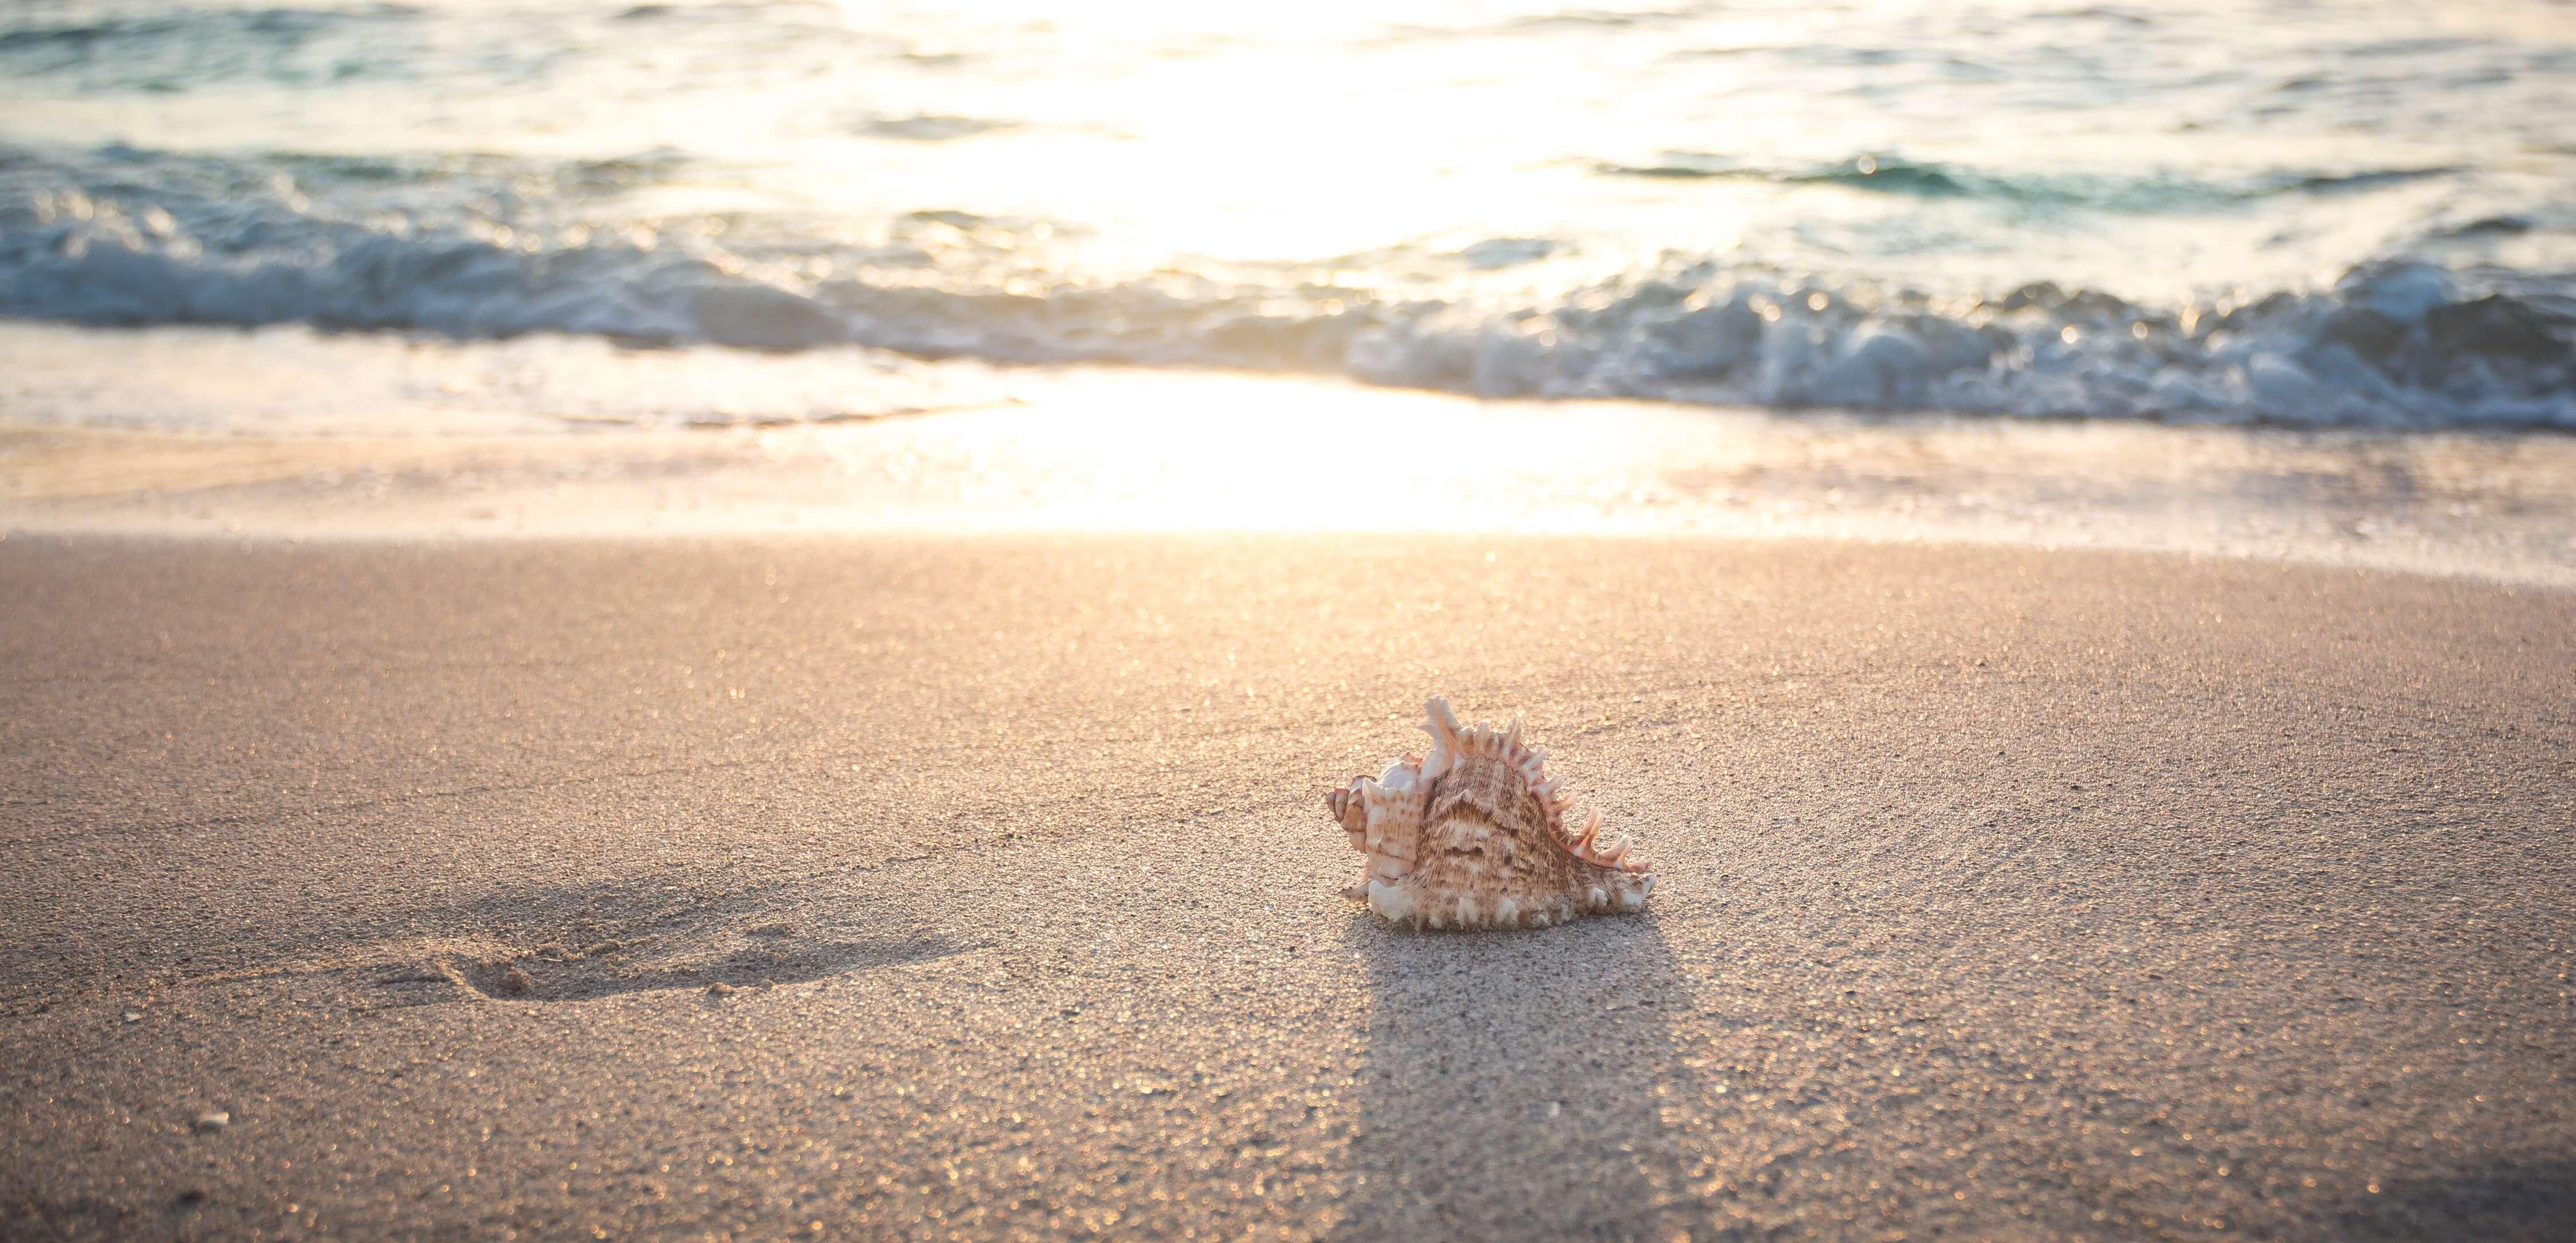 Sea noise (public domain) at the beach of Kolka, Latvia - my